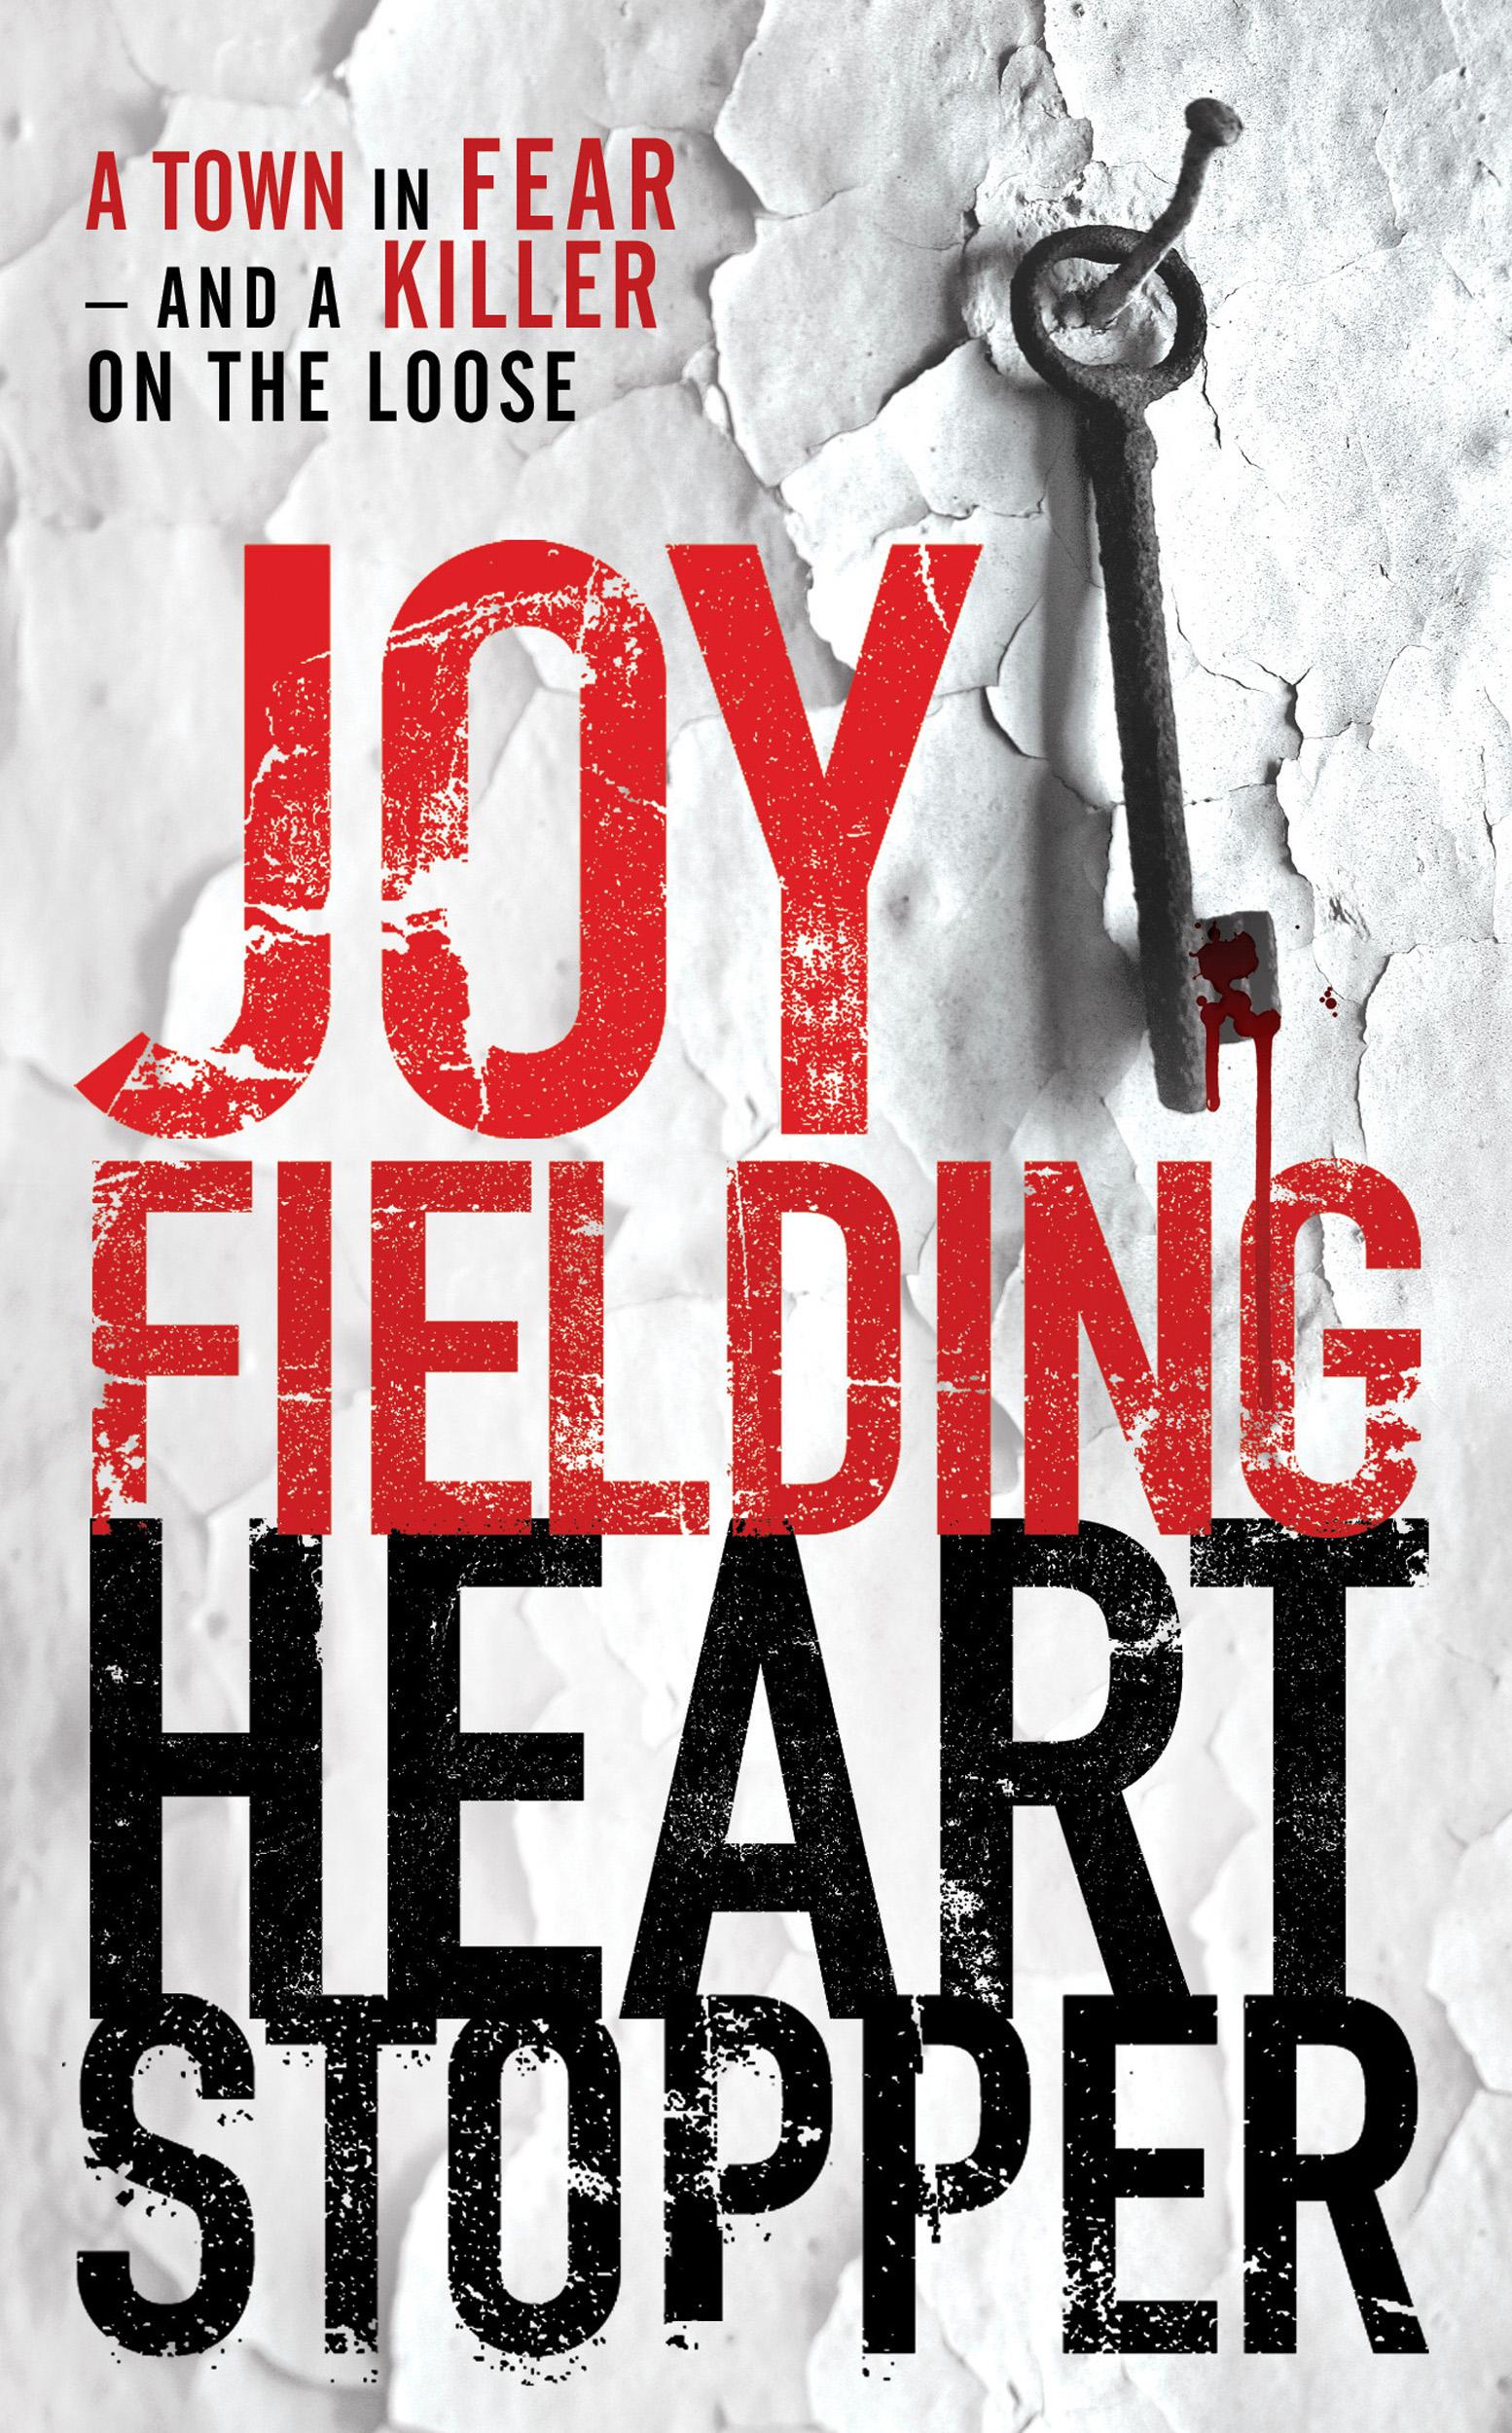 Book Cover Image (jpg): Heartstopper